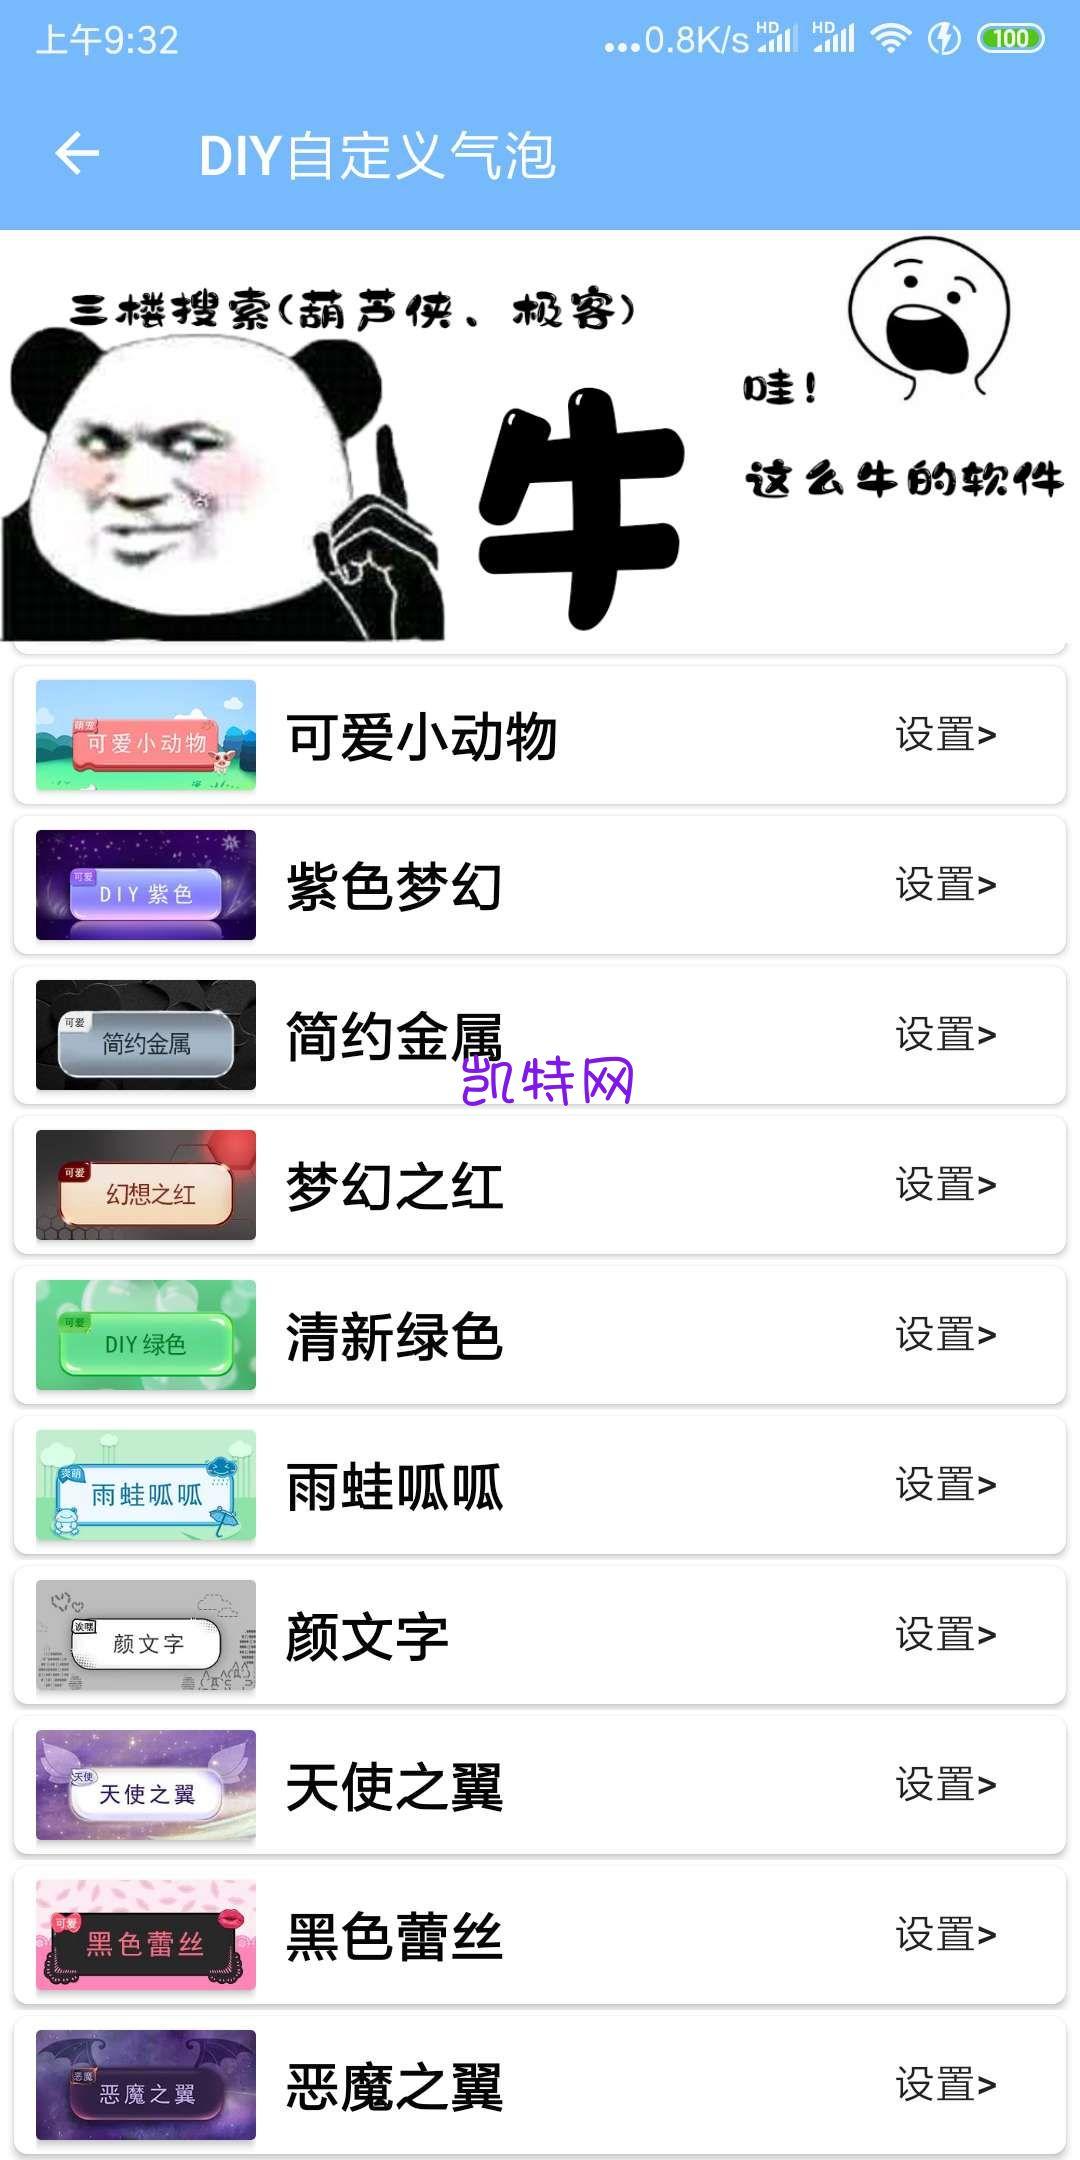 【原创】DIY超长文字气泡v3.8(无广告)